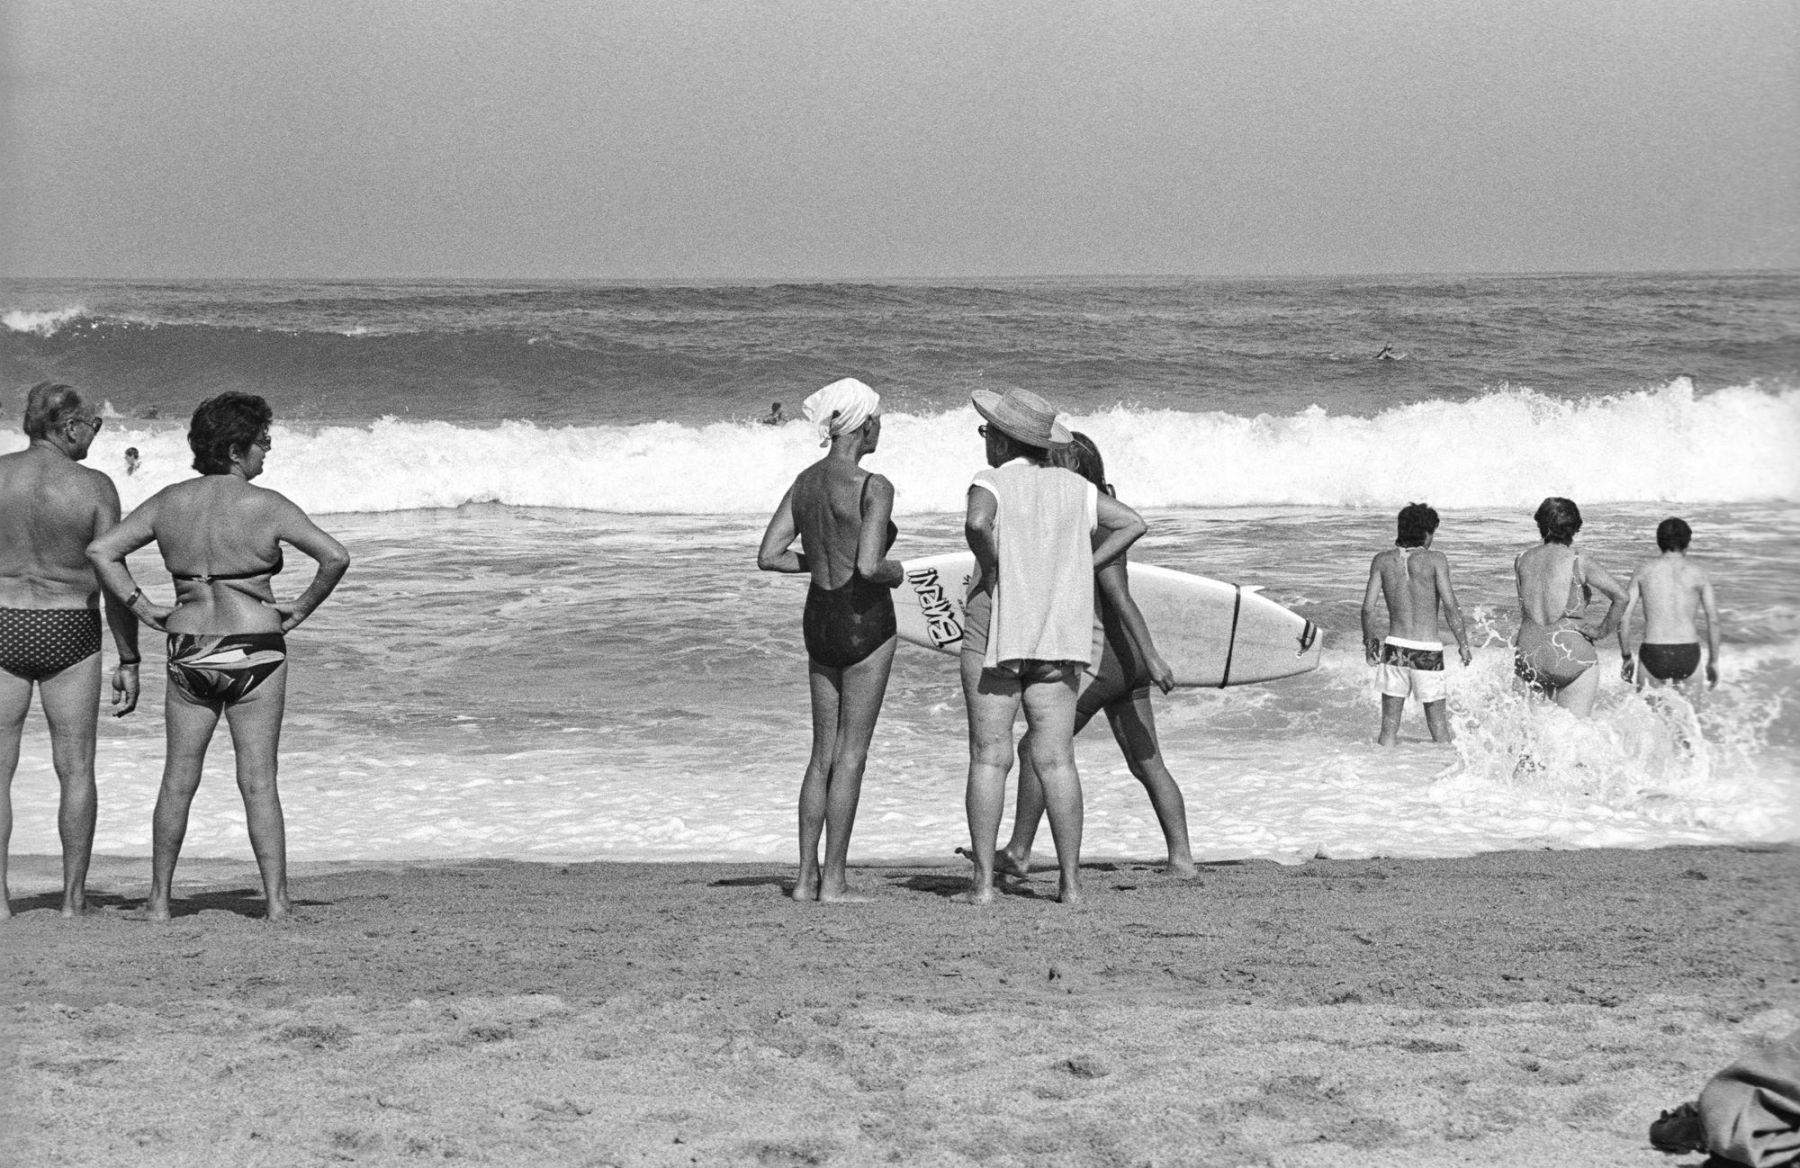 MichelAycaguer-Biarritz-GrandePlage-1988-PointFixe-Leica-11